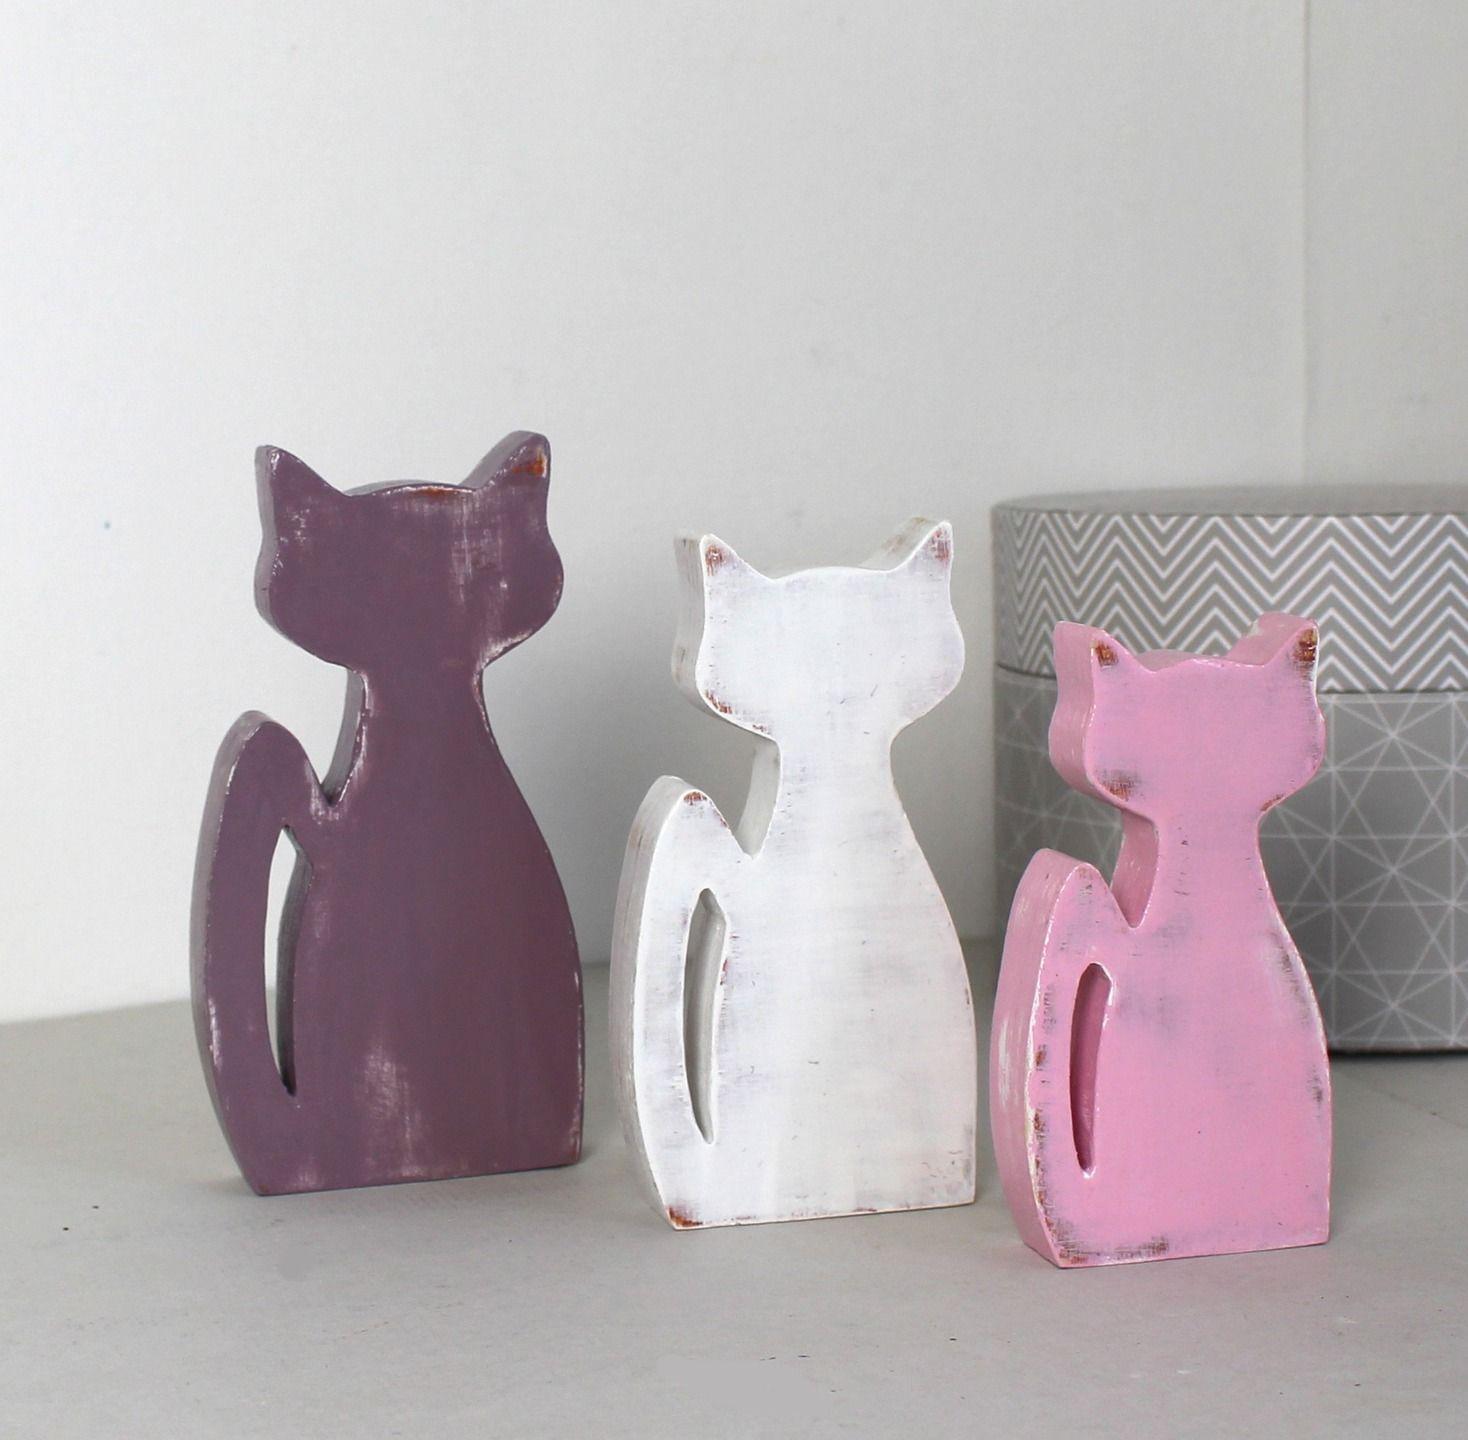 chats en bois blanc ,violet aubergine et rose pâle patiné en ...